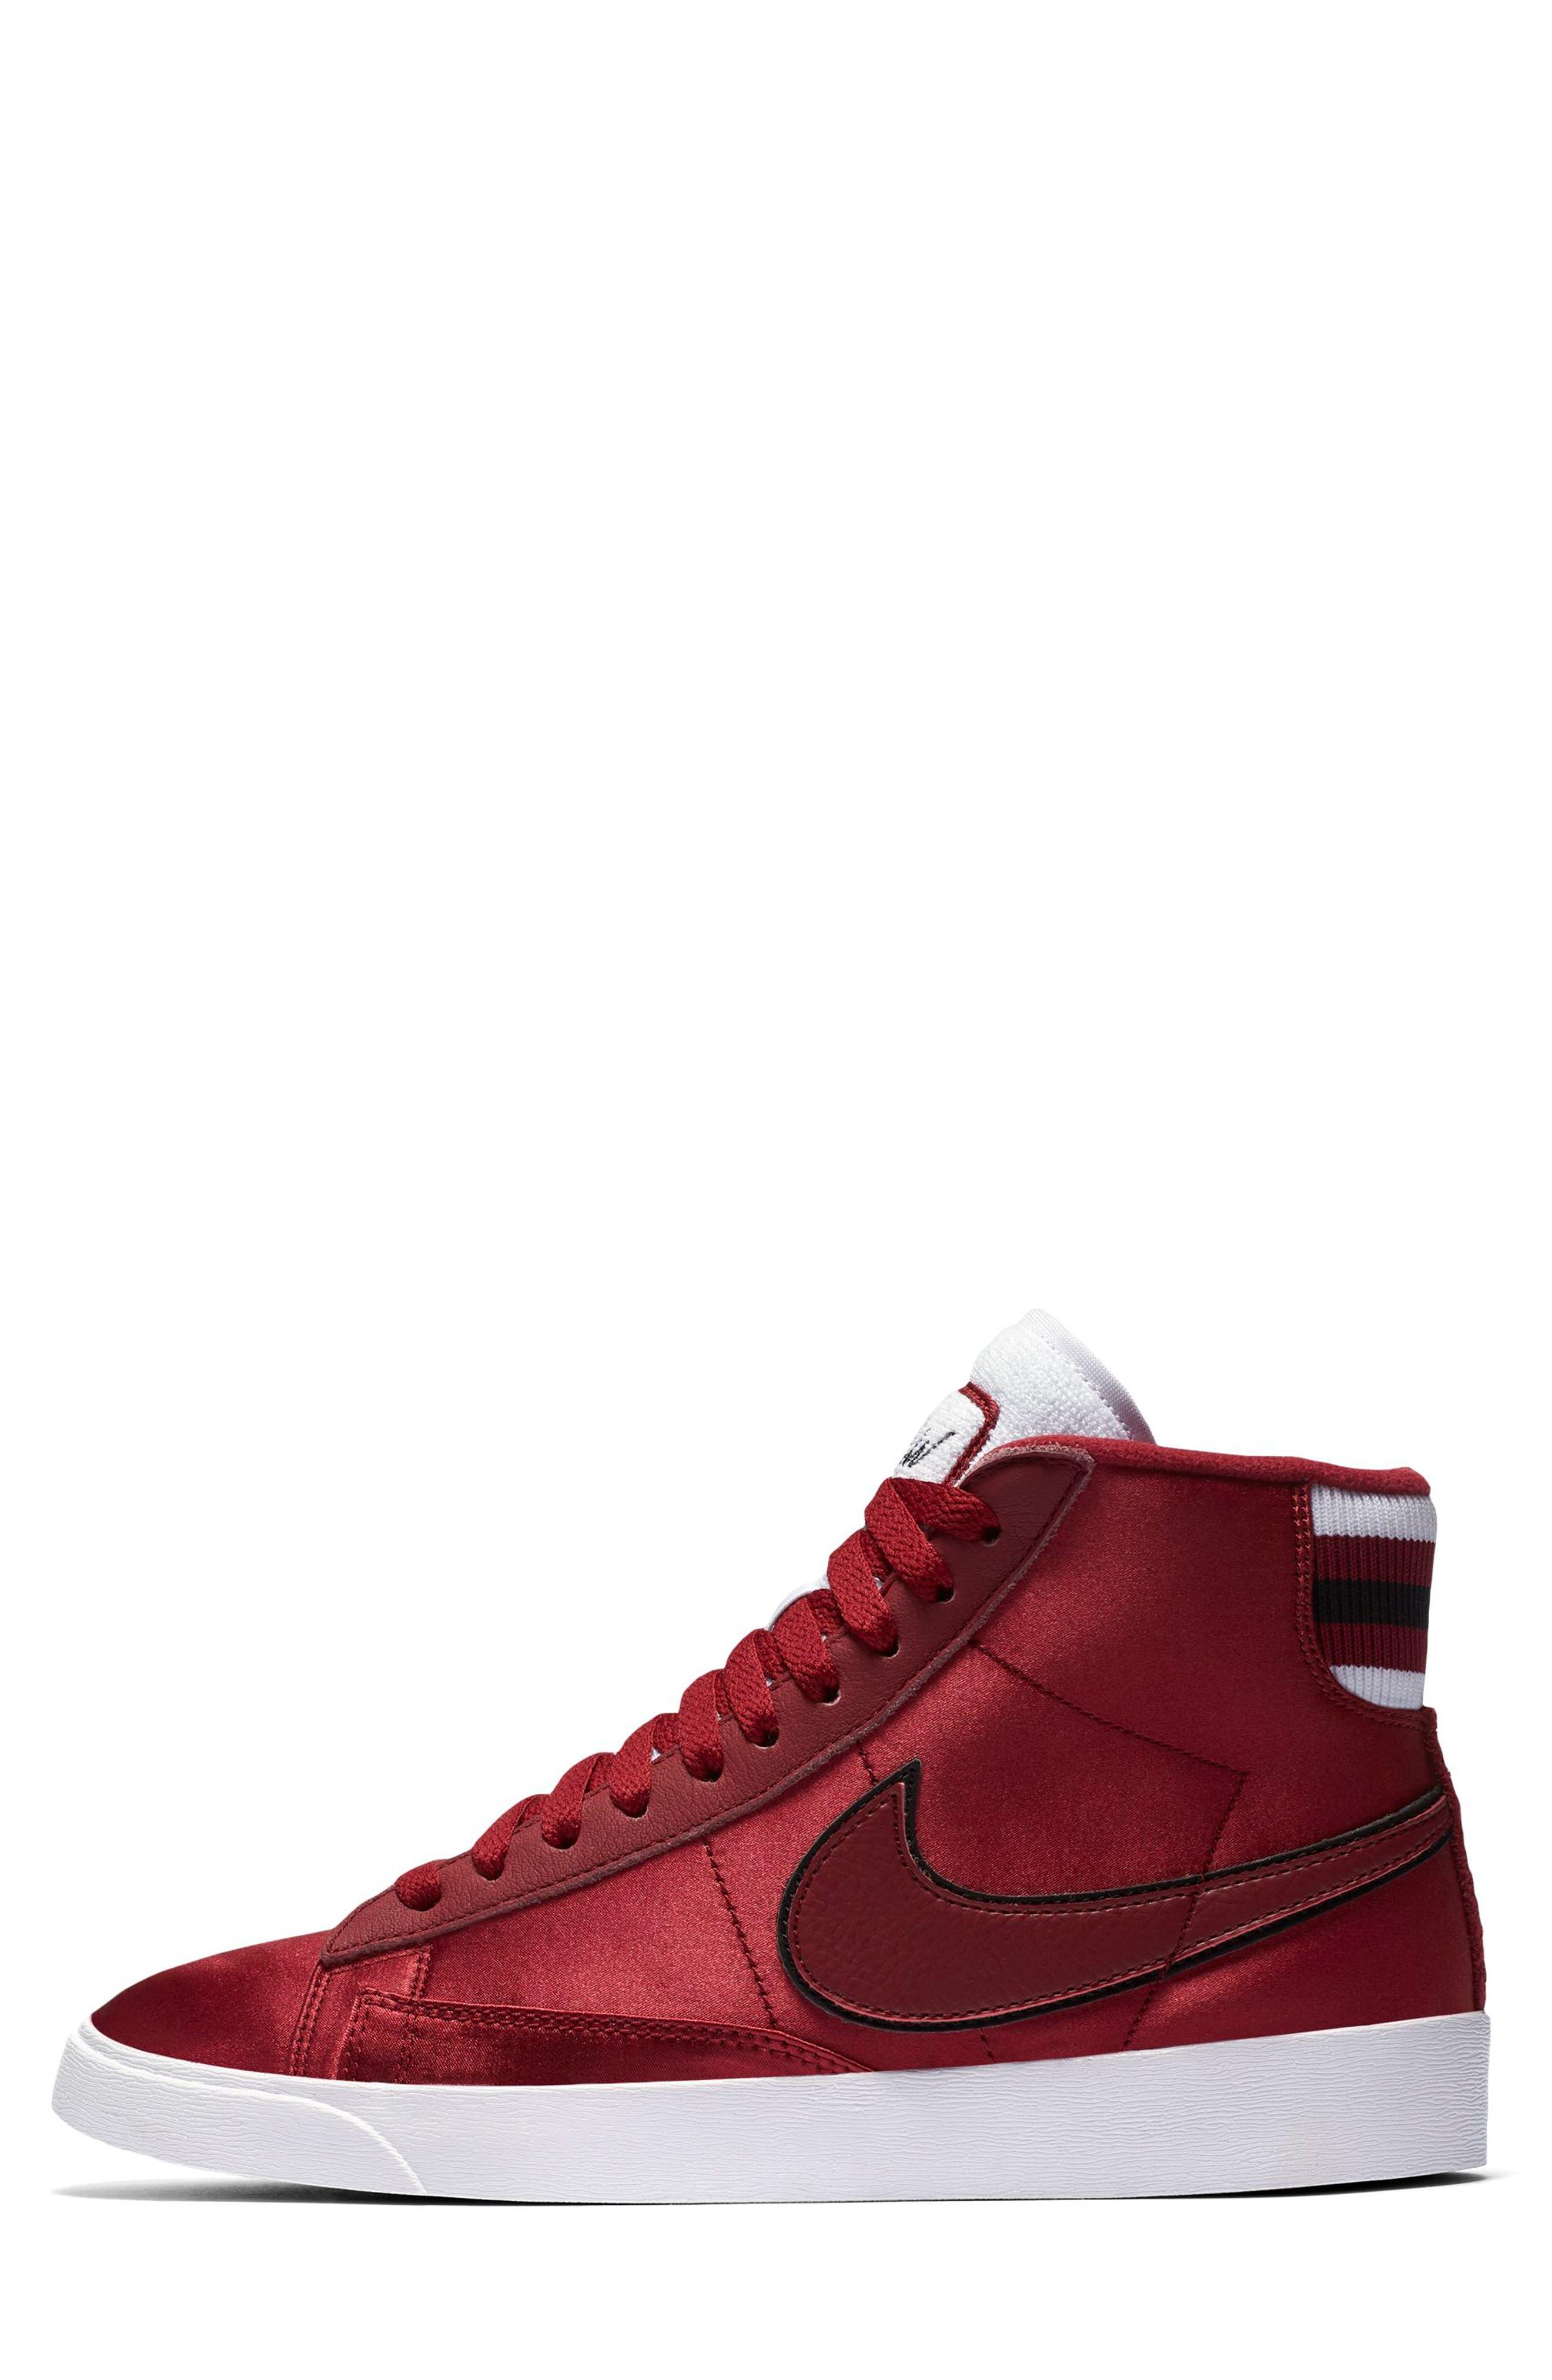 Blazer Mid Top Sneaker,                             Alternate thumbnail 3, color,                             RED CRUSH/ WHITE/ BLACK